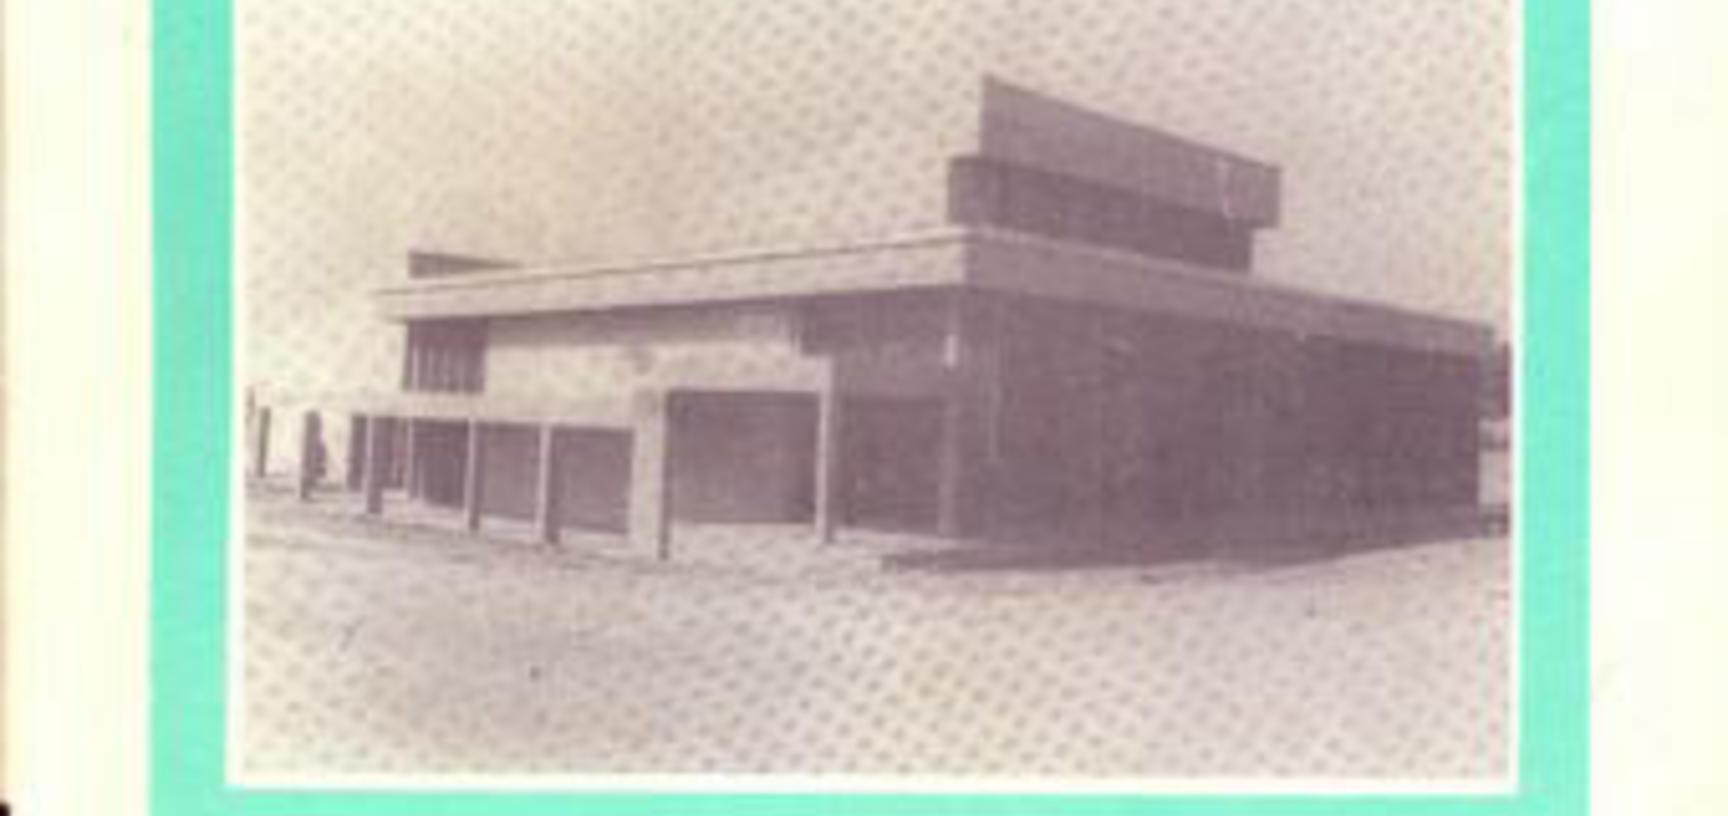 Guiao Museu Etnografico Nacional. (Courtesy Ethnographic Museum of Guinea-Bissau)